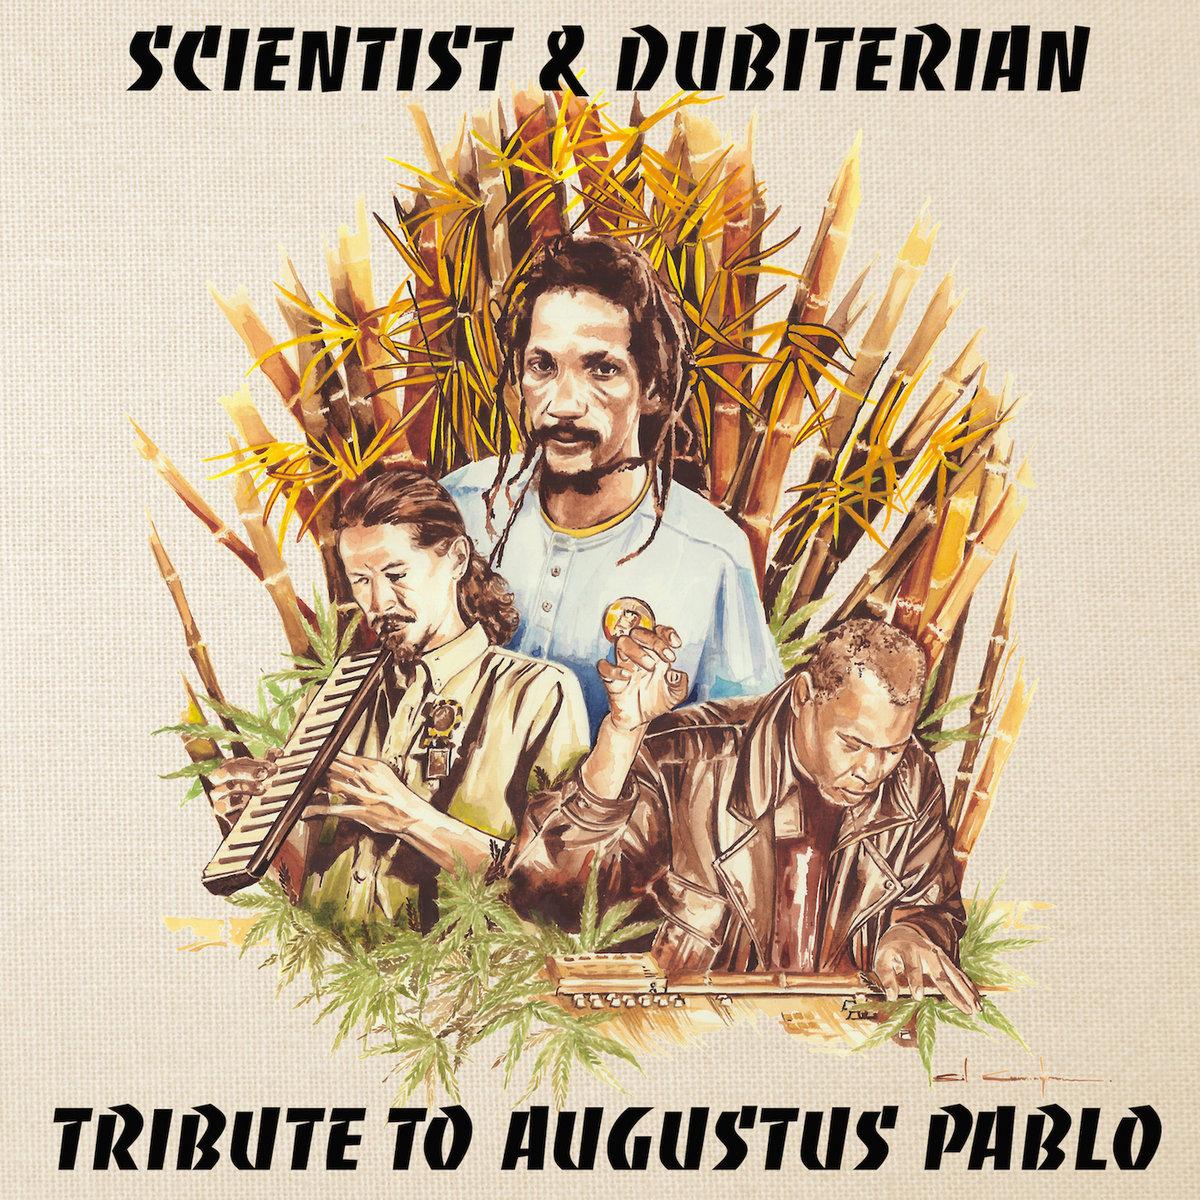 Tribute to Augustus Pablo   Dubiterian